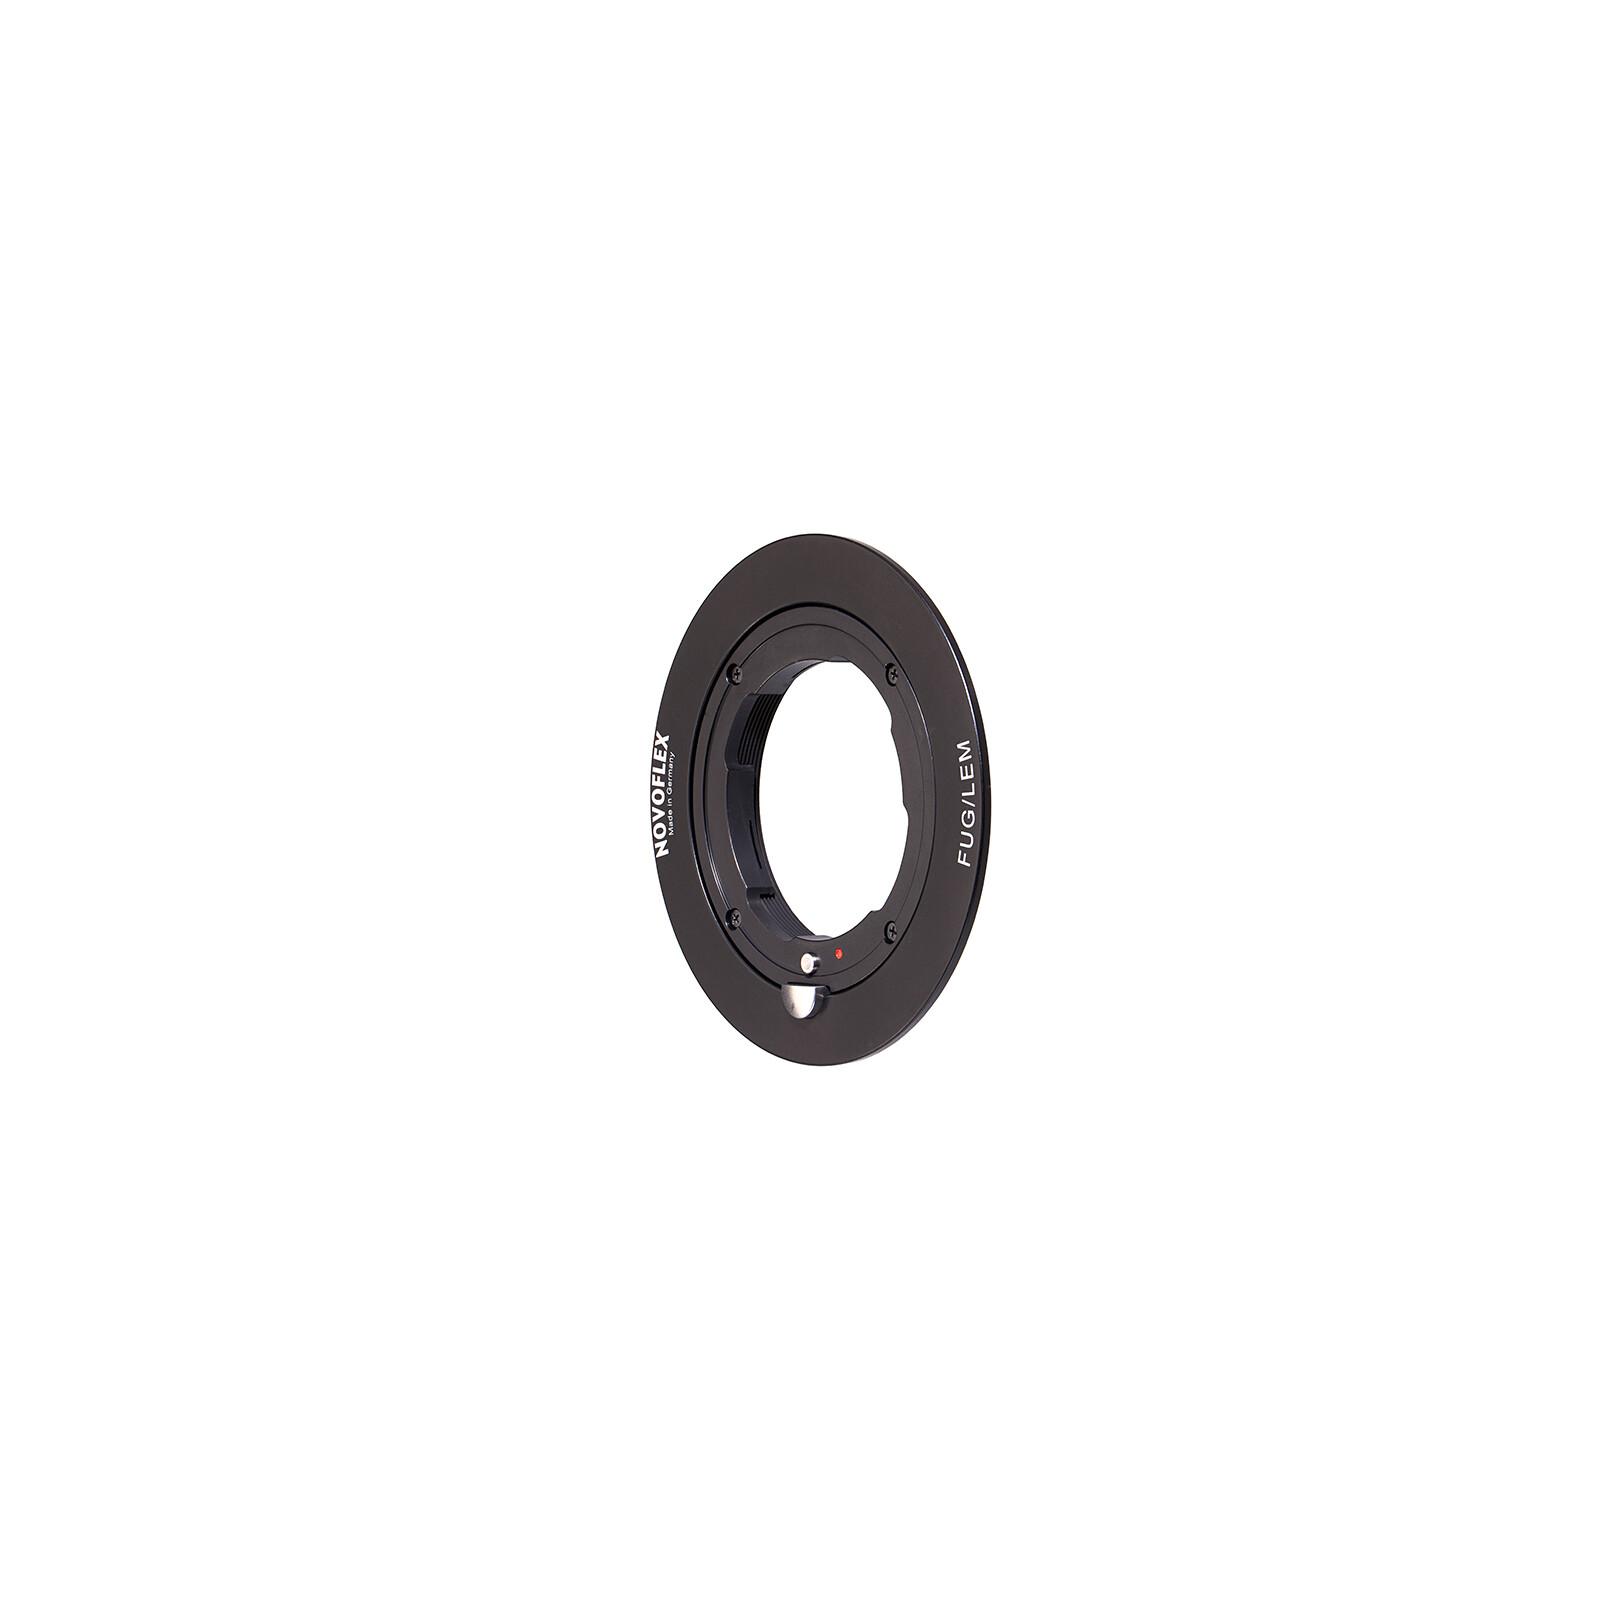 Novoflex FUG/LEM Adapter